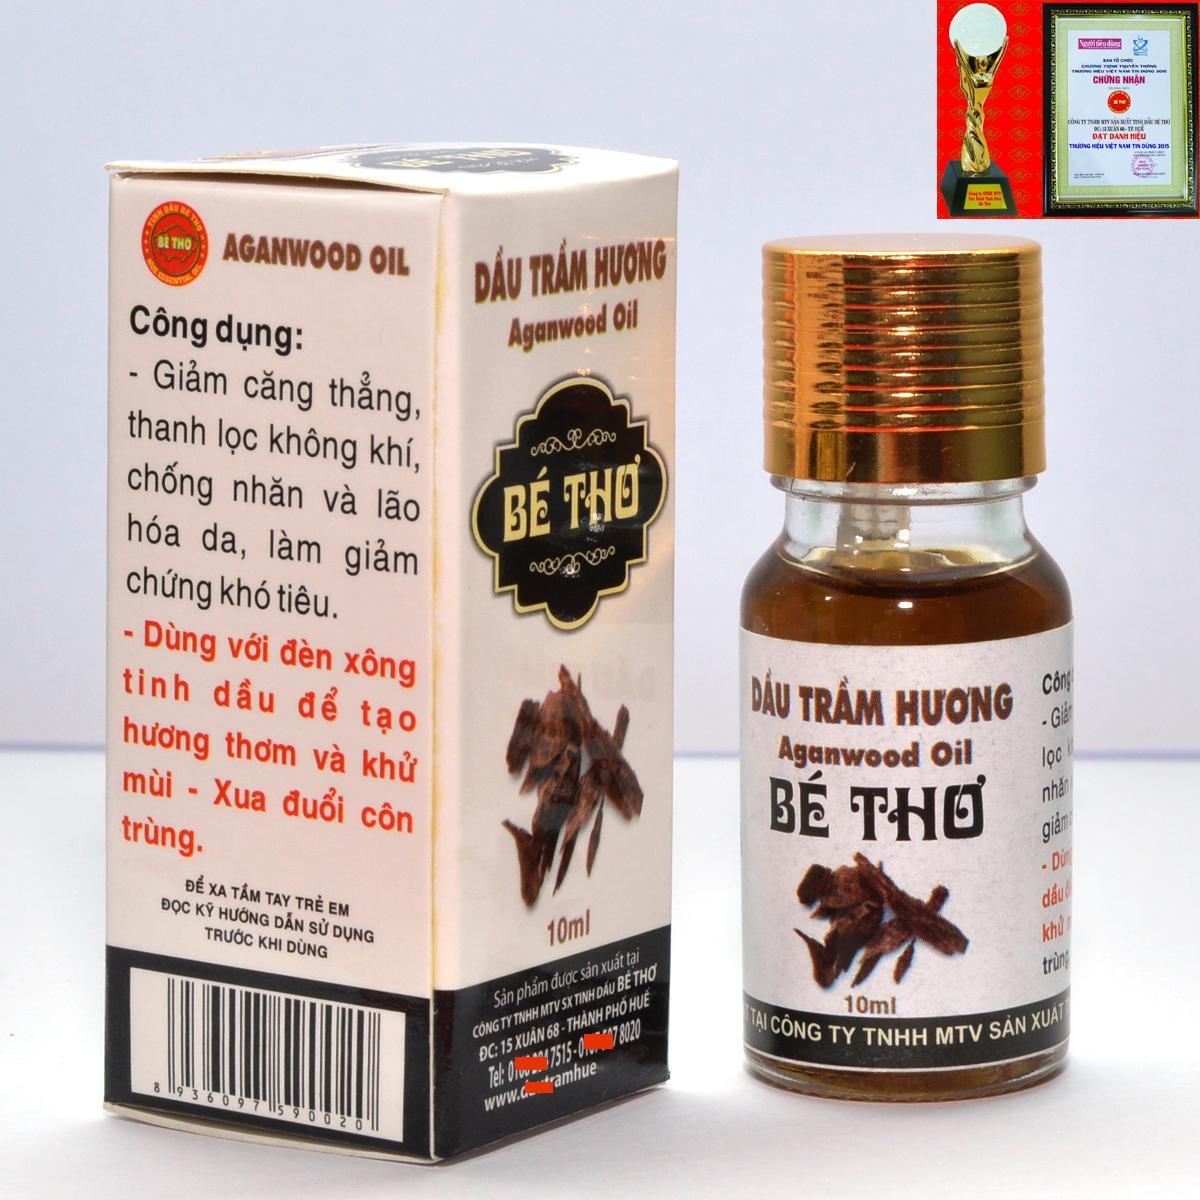 Tinh dầu thiên nhiên trầm hương 10ml